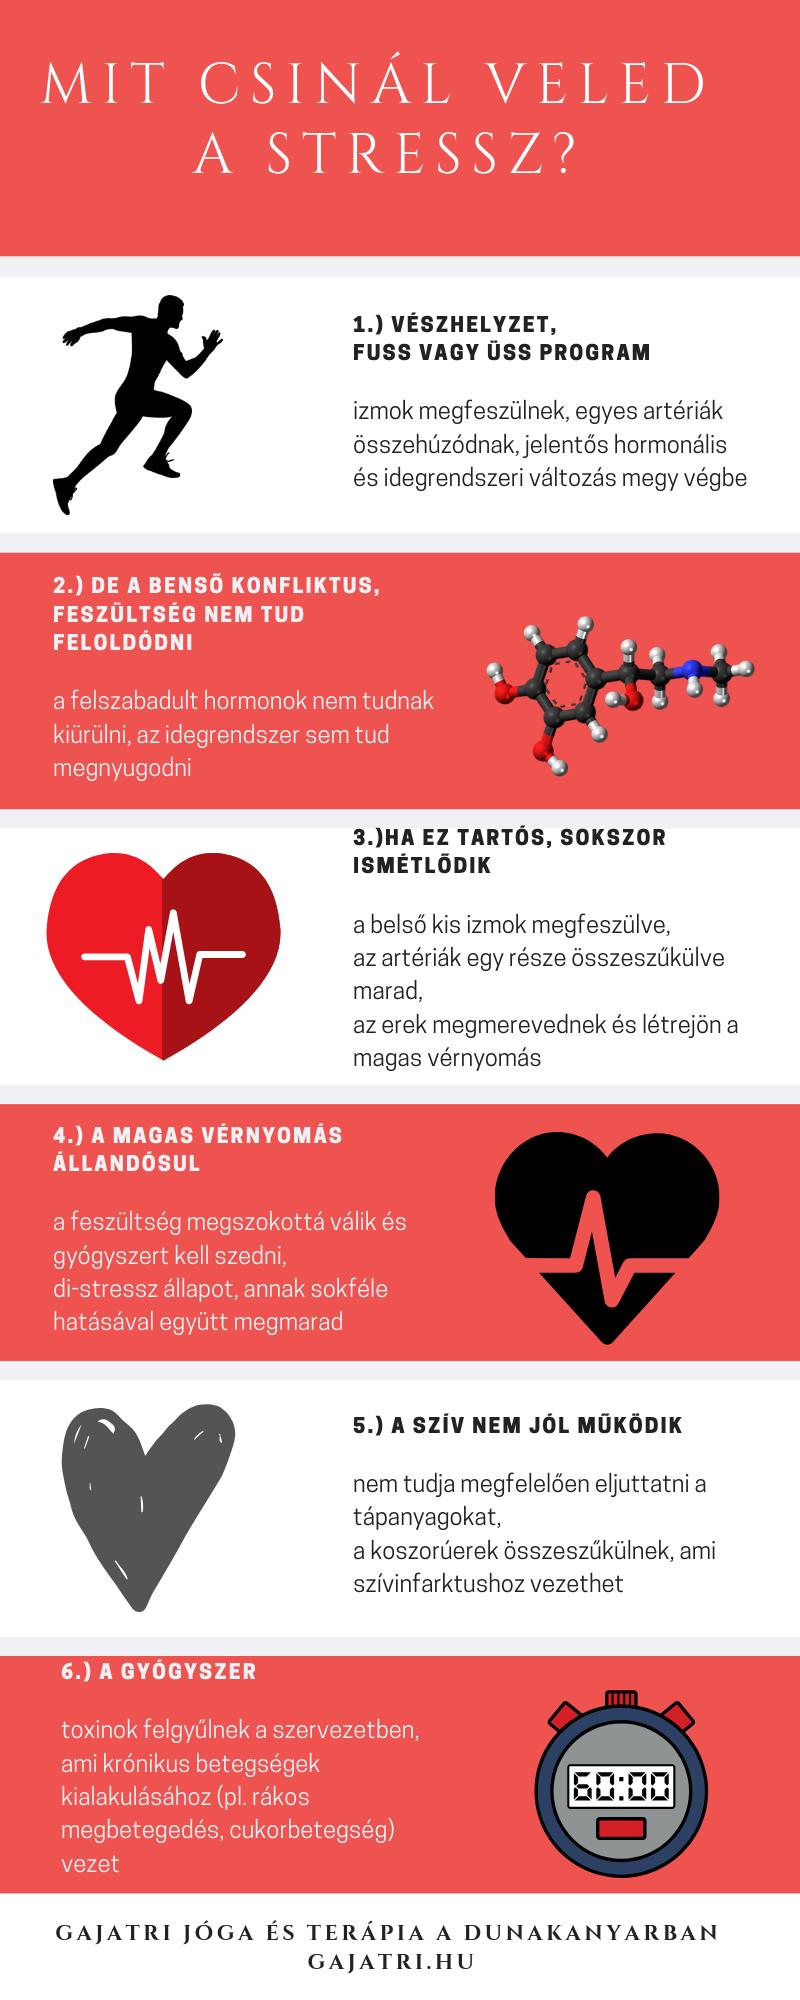 diéta a magas vérnyomásért mit lehet és mit nem kapcsolat a magas vérnyomás és az anaemia között